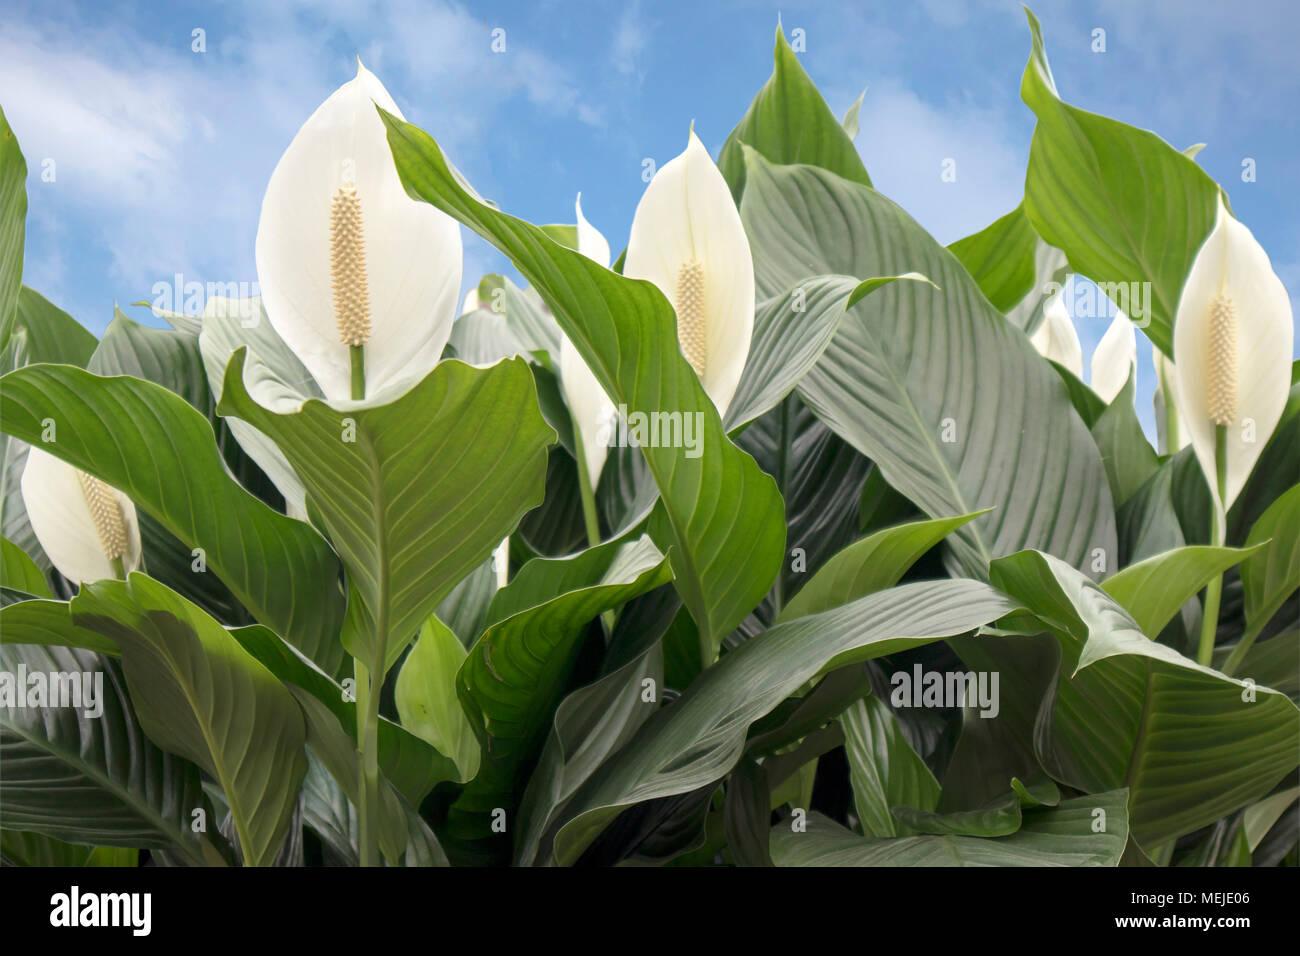 Asombroso Flor Tutorial De Uñas Colección de Imágenes - Ideas Para ...